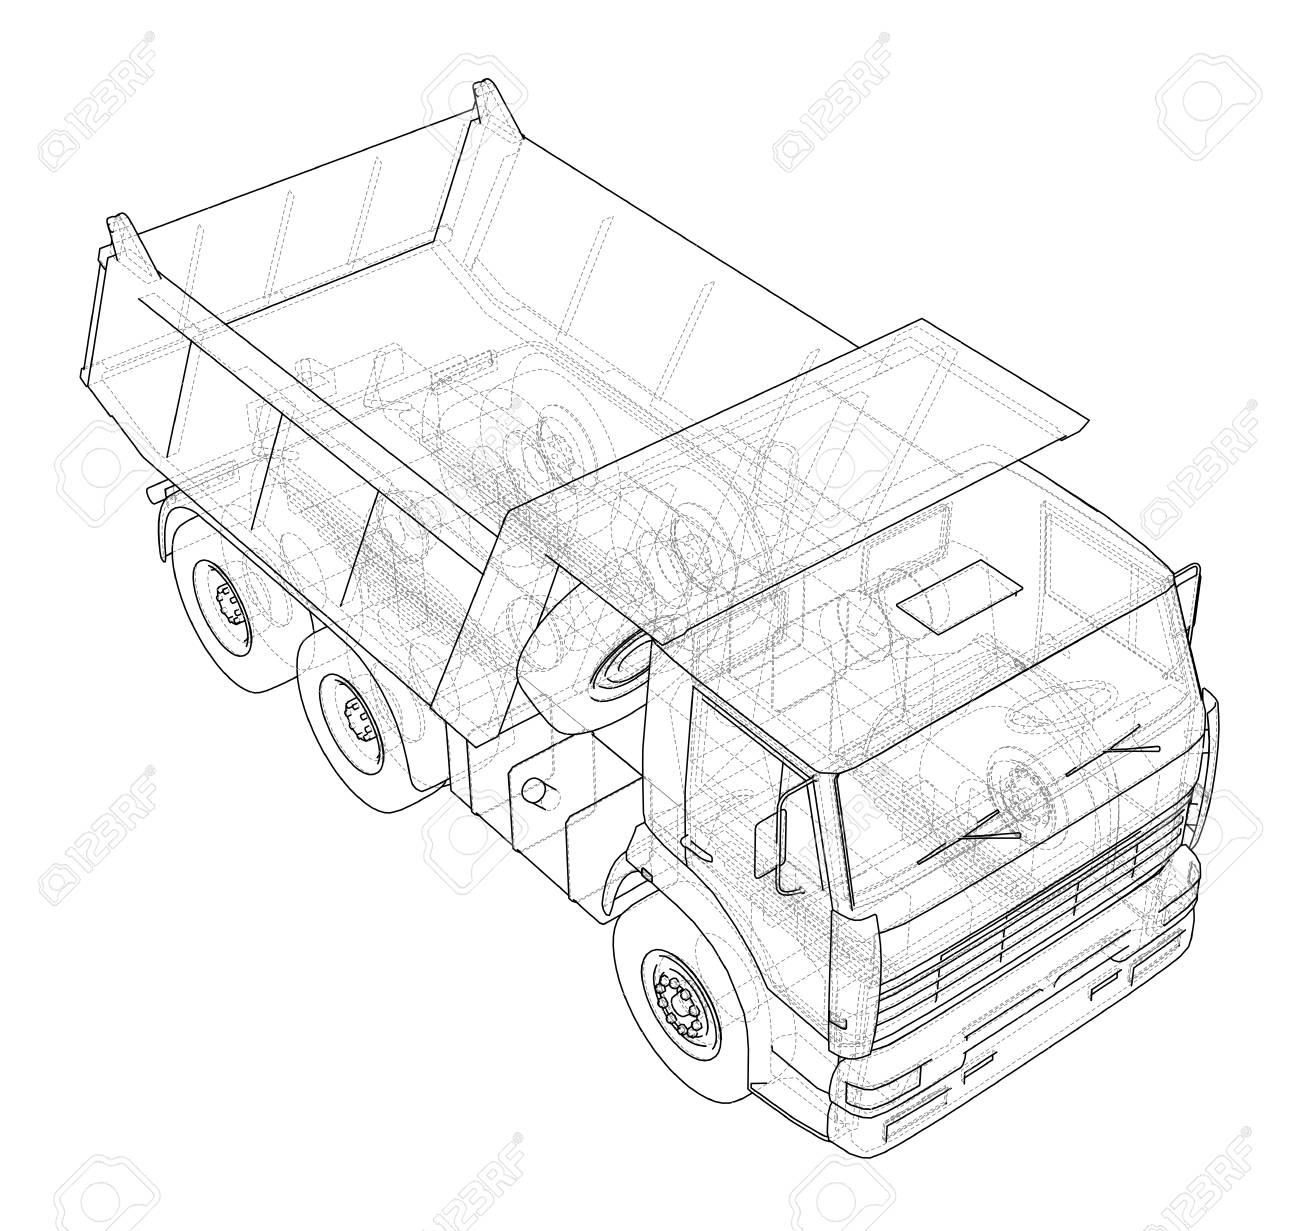 2013 Mack Truck Wiring Digram - Wiring Diagrams List